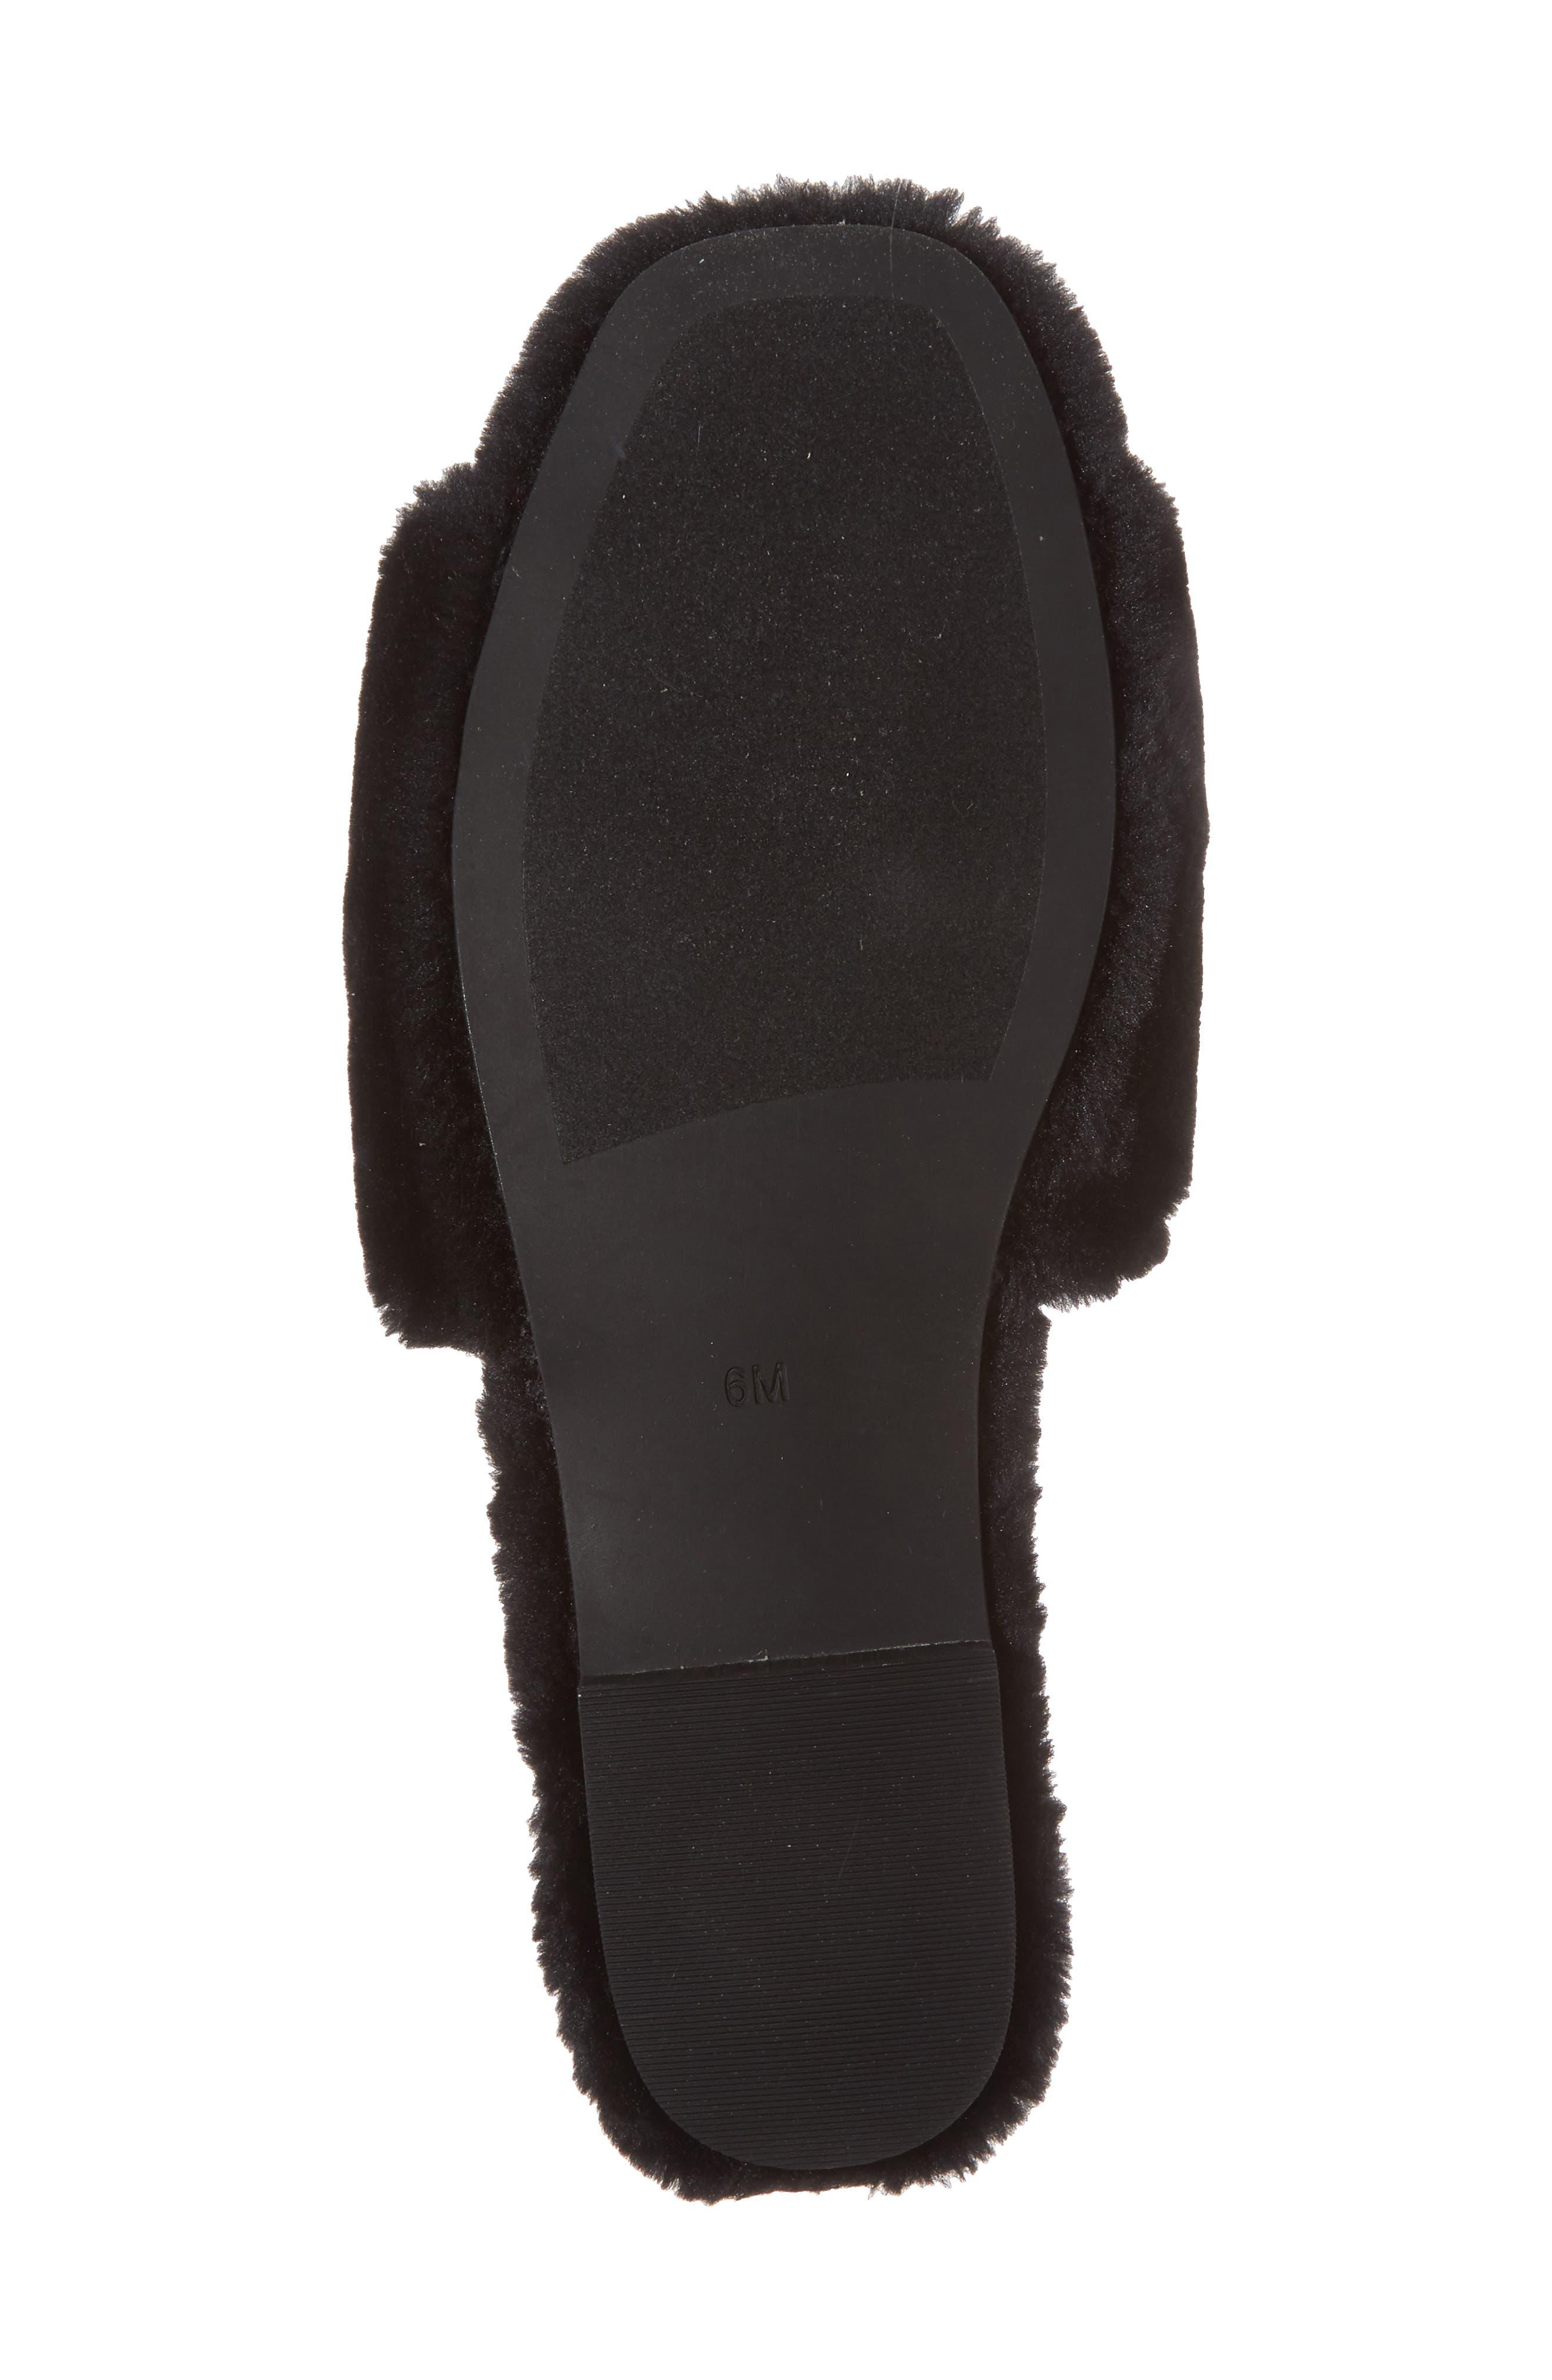 Plush Animal Slipper,                             Alternate thumbnail 6, color,                             Black Faux Fur